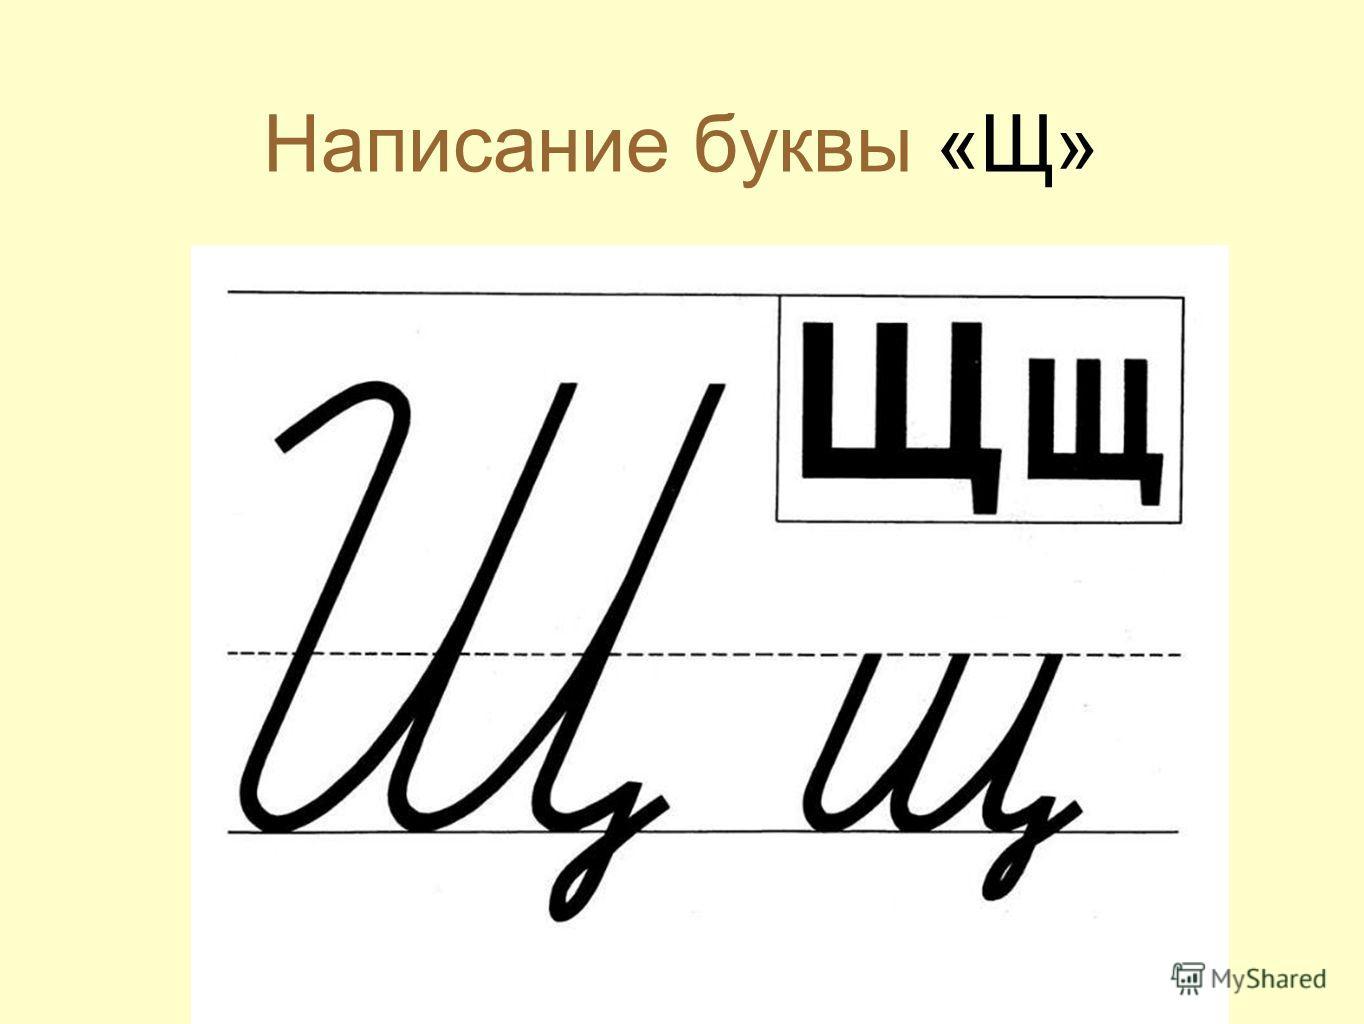 Написание буквы «Щ»